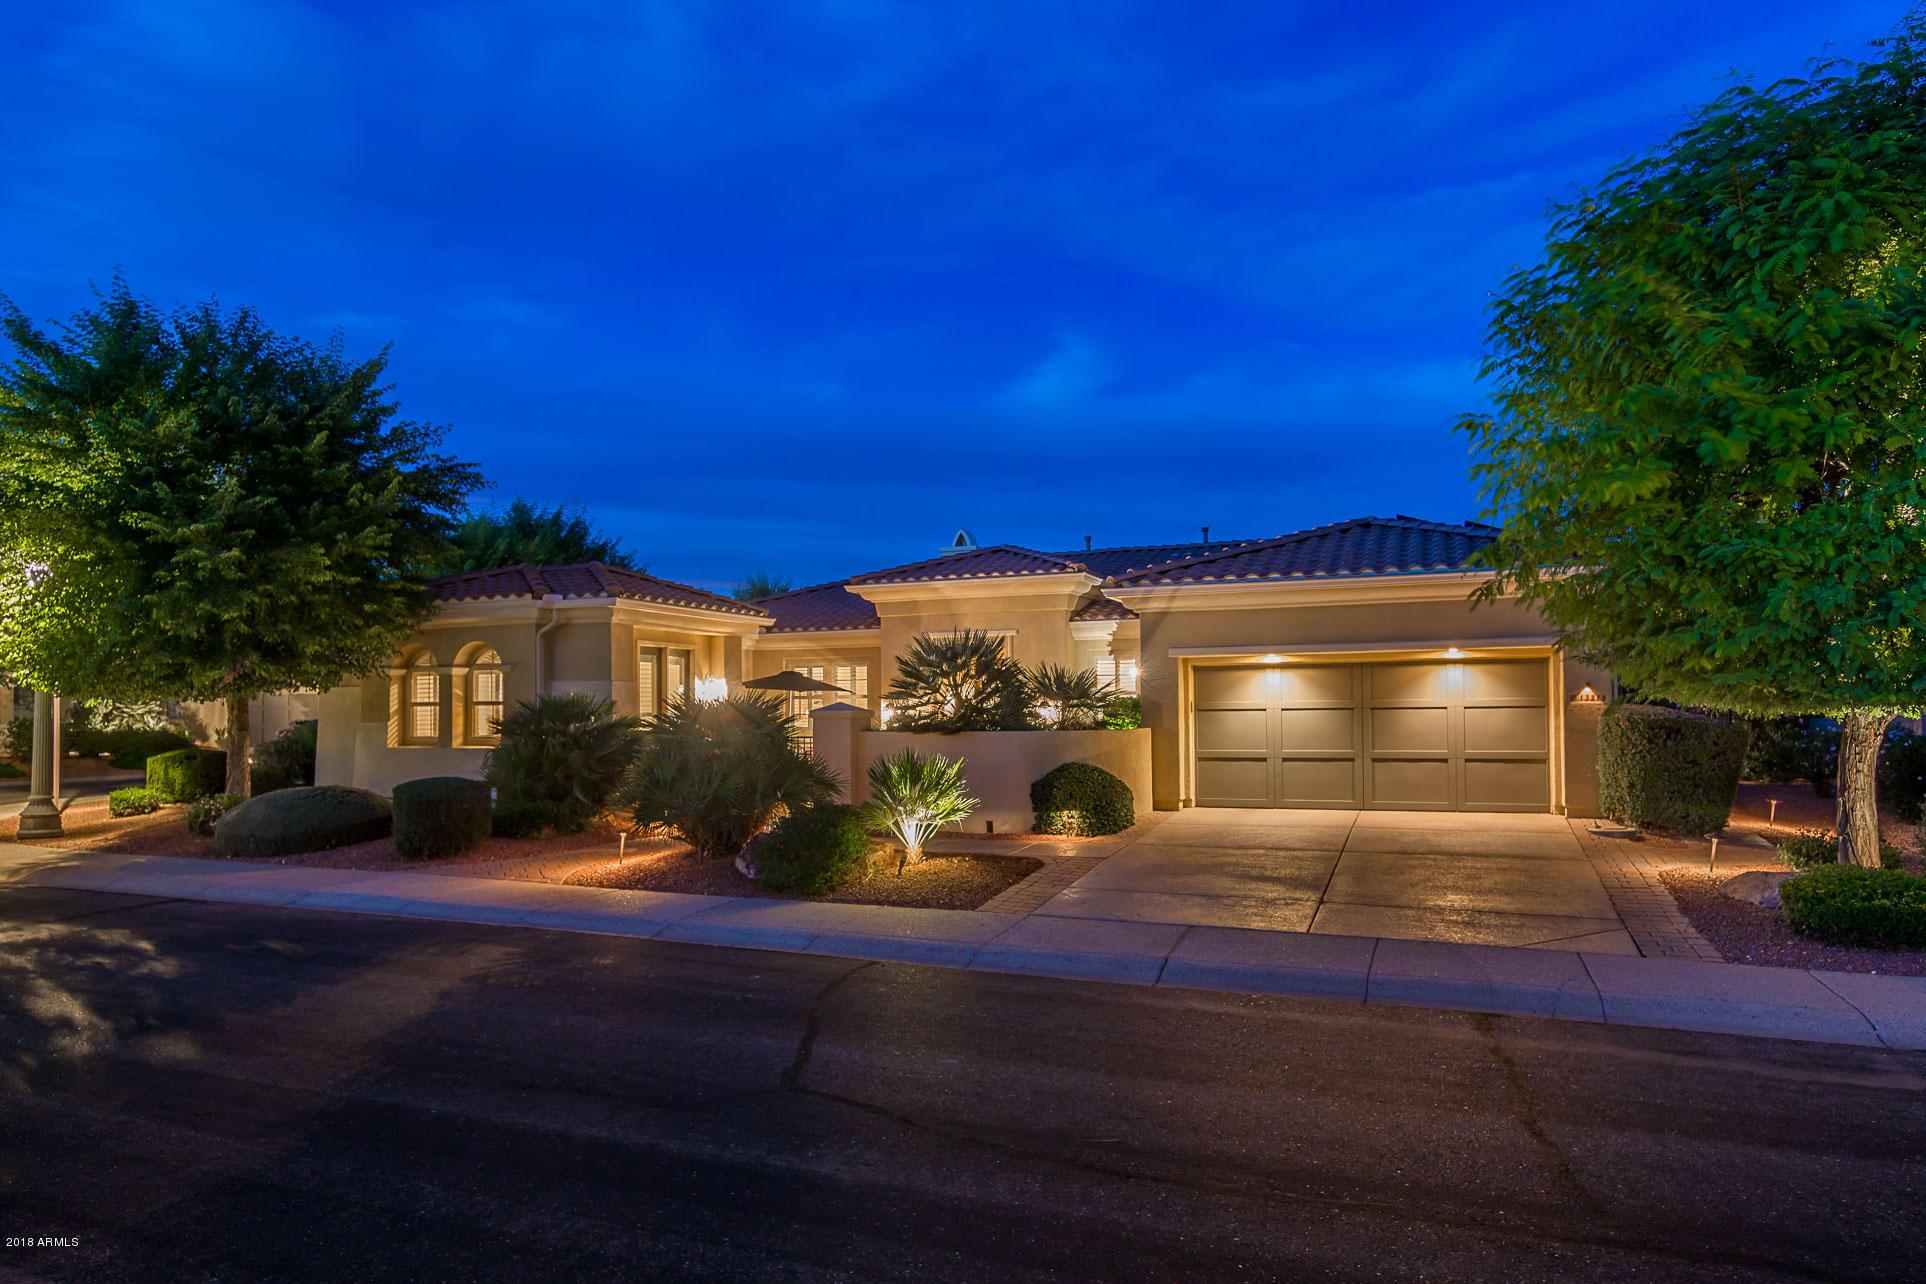 MLS 5839276 13316 W RINCON Drive, Sun City West, AZ 85375 Sun City West AZ Tennis Court